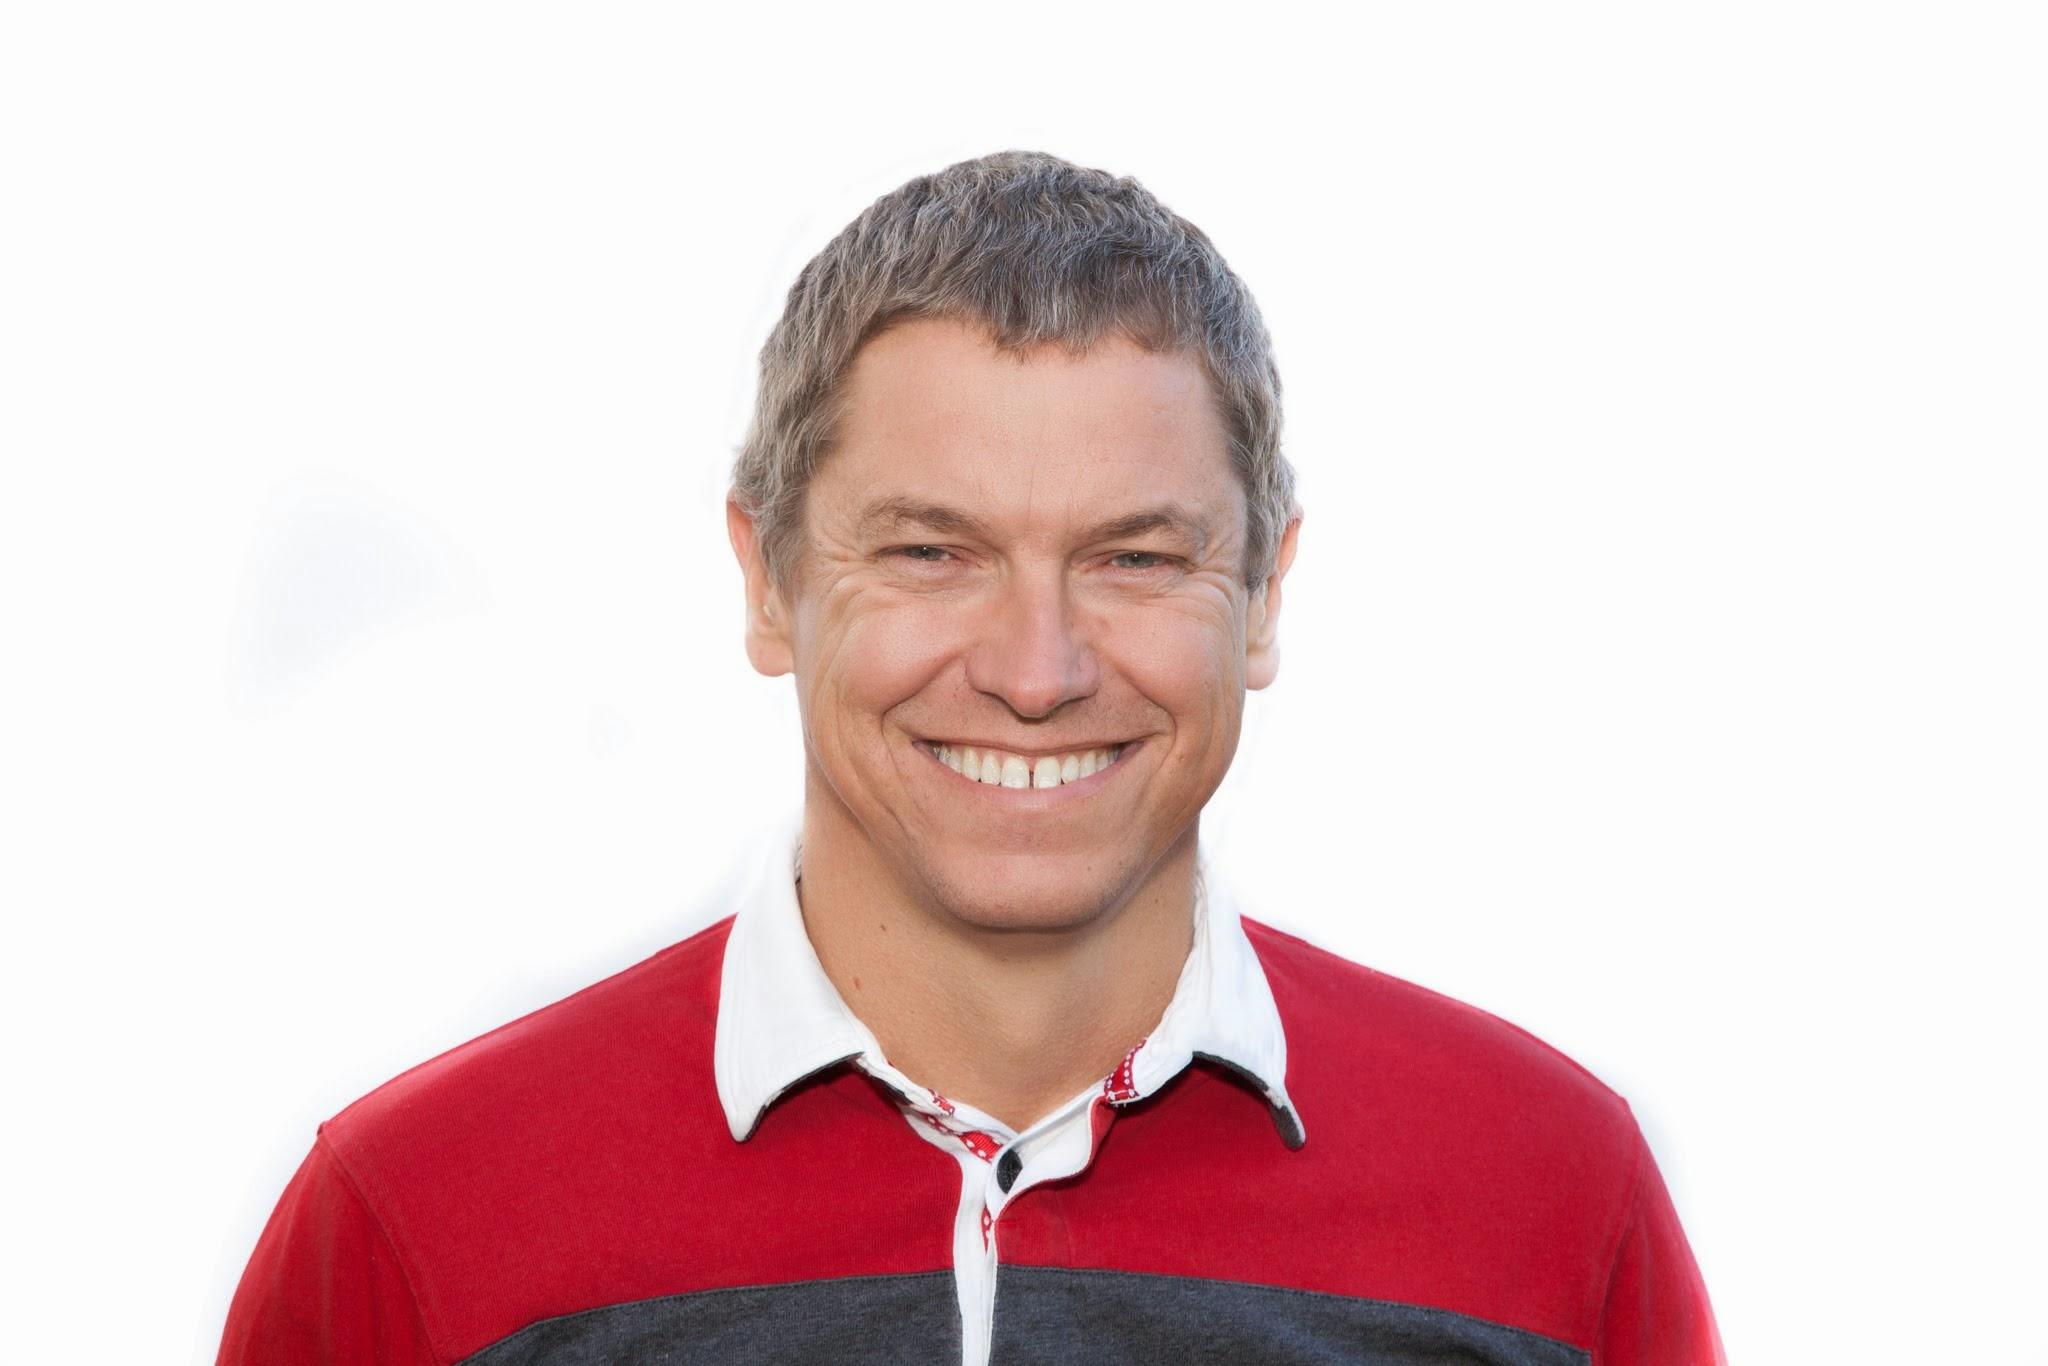 <strong>Henrik Grönvall</strong>